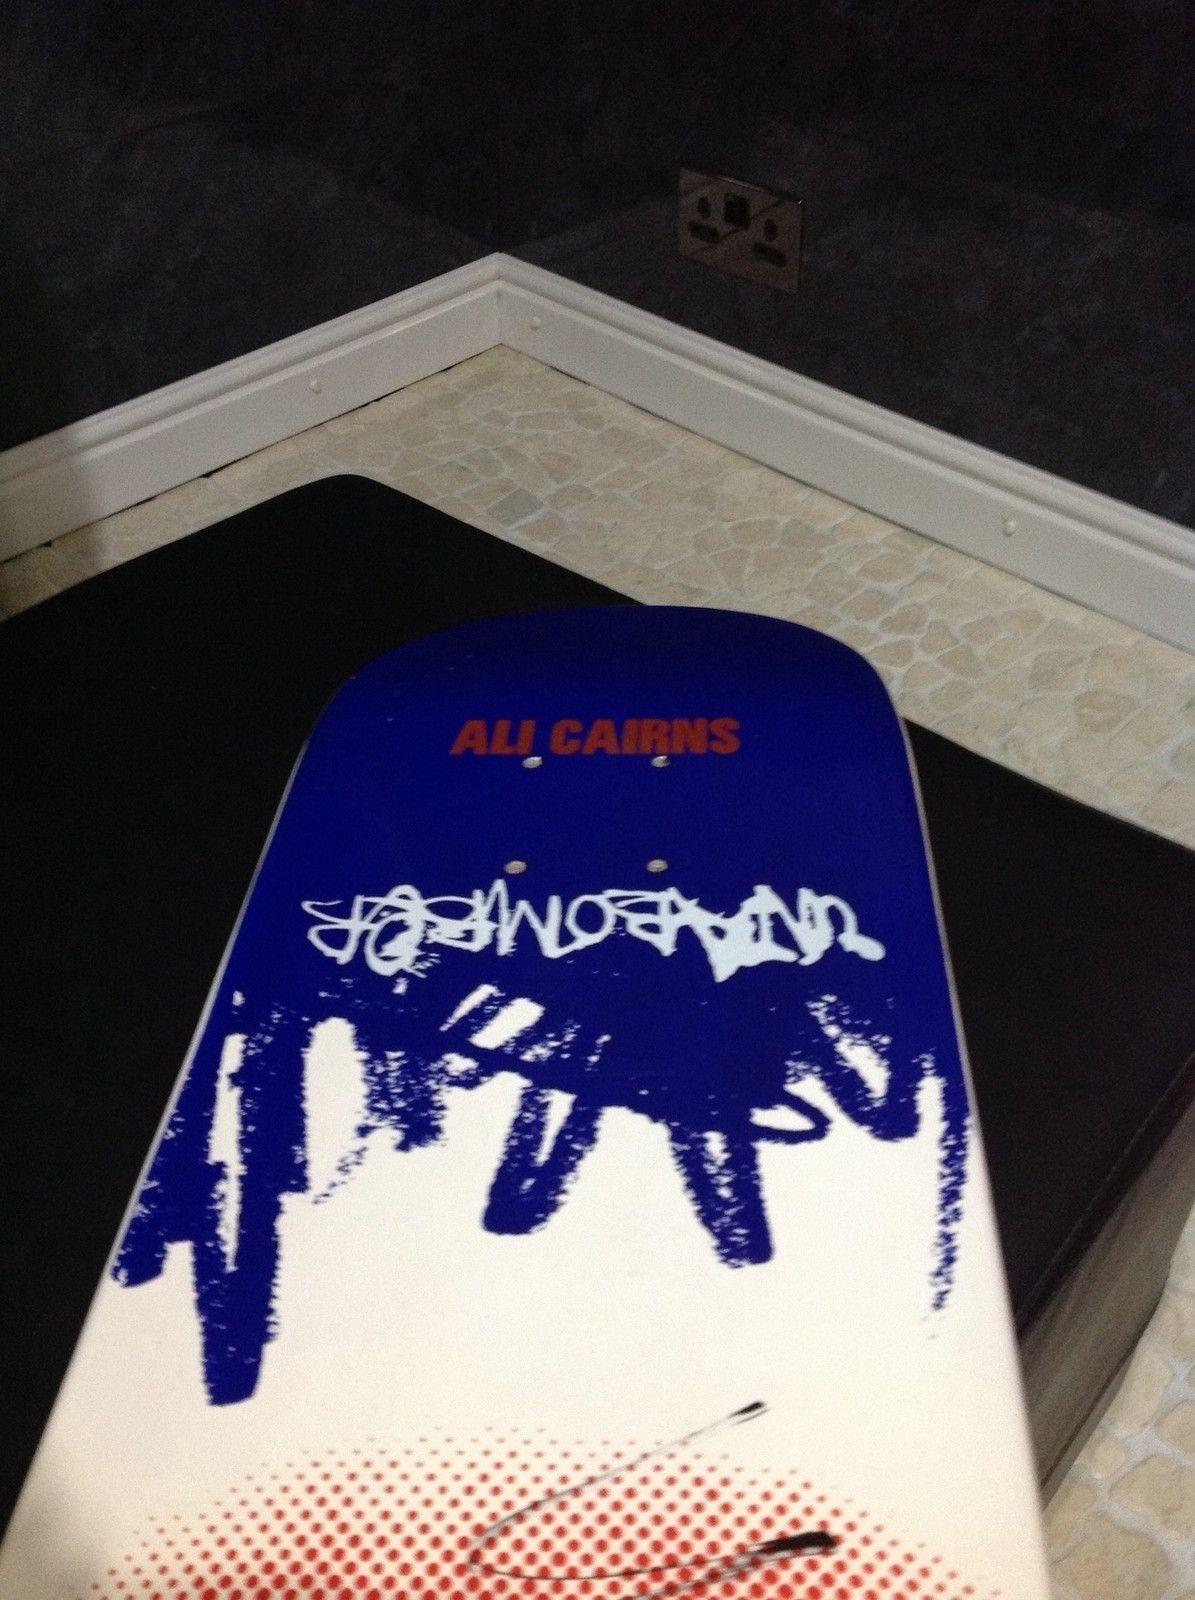 Skateboarder Ali Cairns? - gyk5.jpg